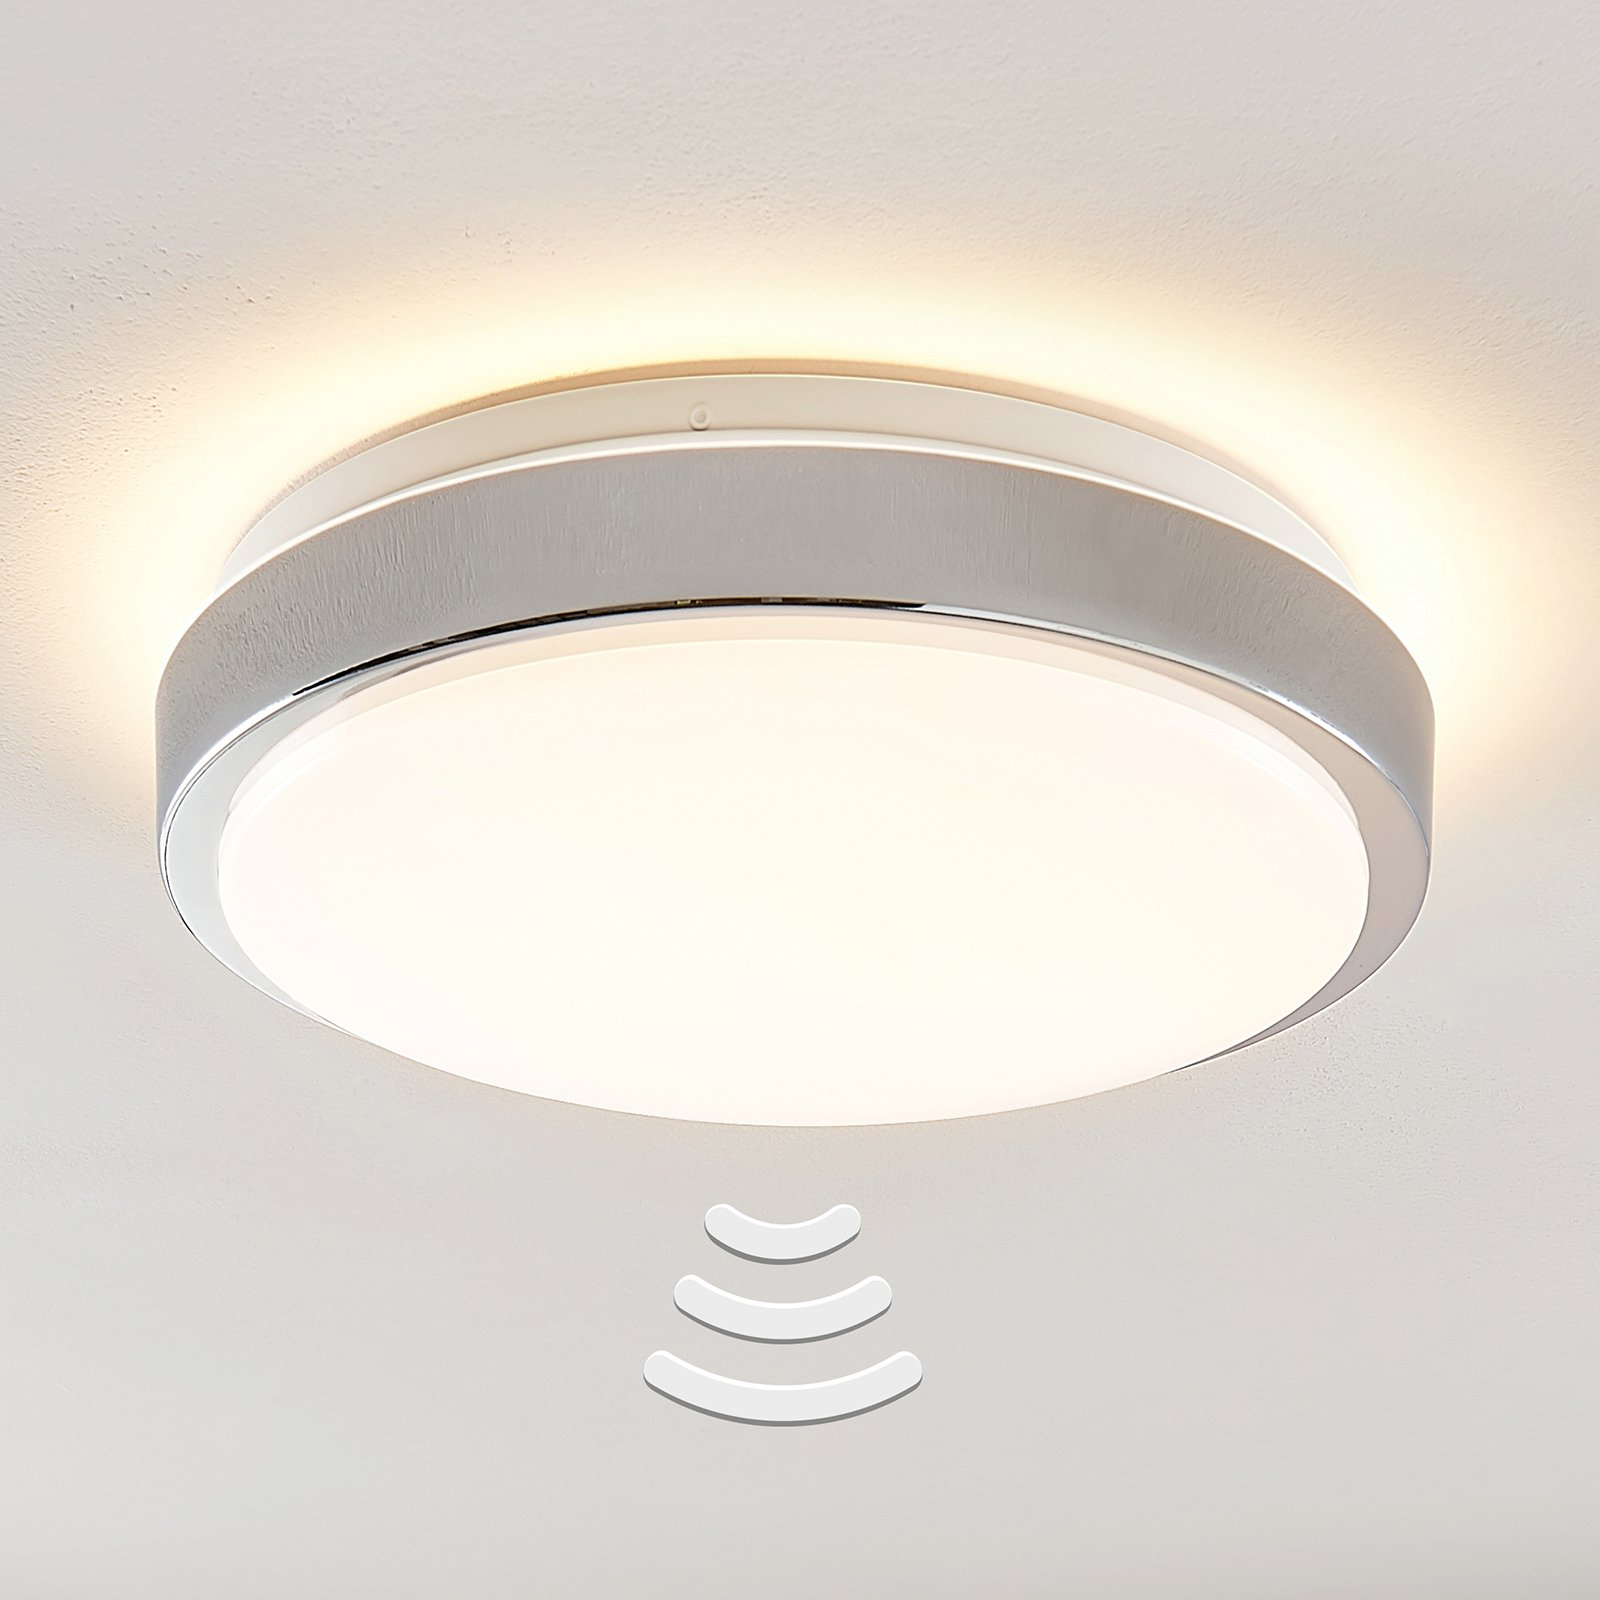 Lindby Camille LED-sensor-taklampe Ø33cm krom